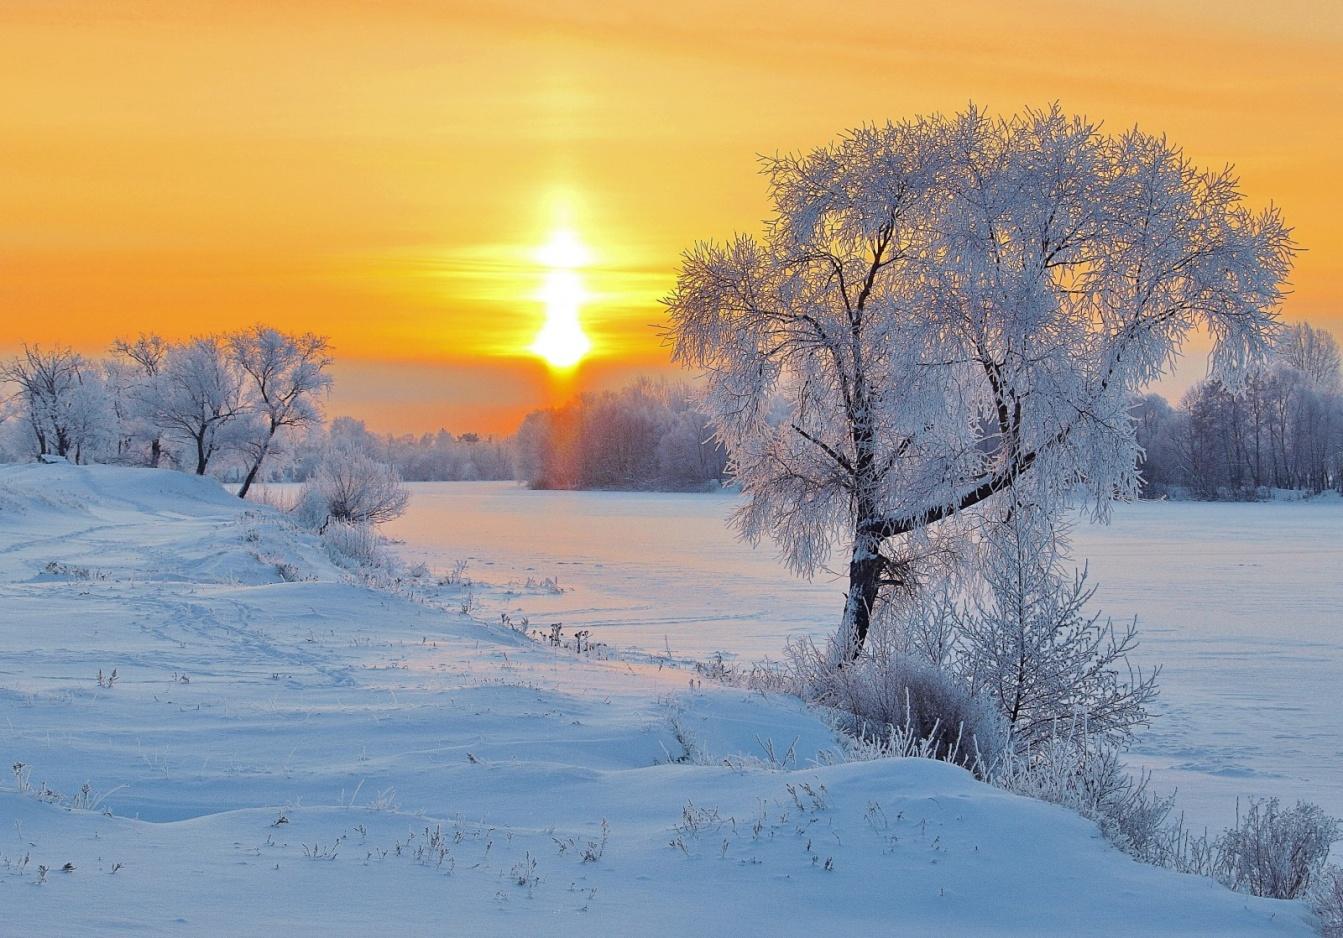 досавку картинка ч добрым утром с зимними пейзажами газета стала